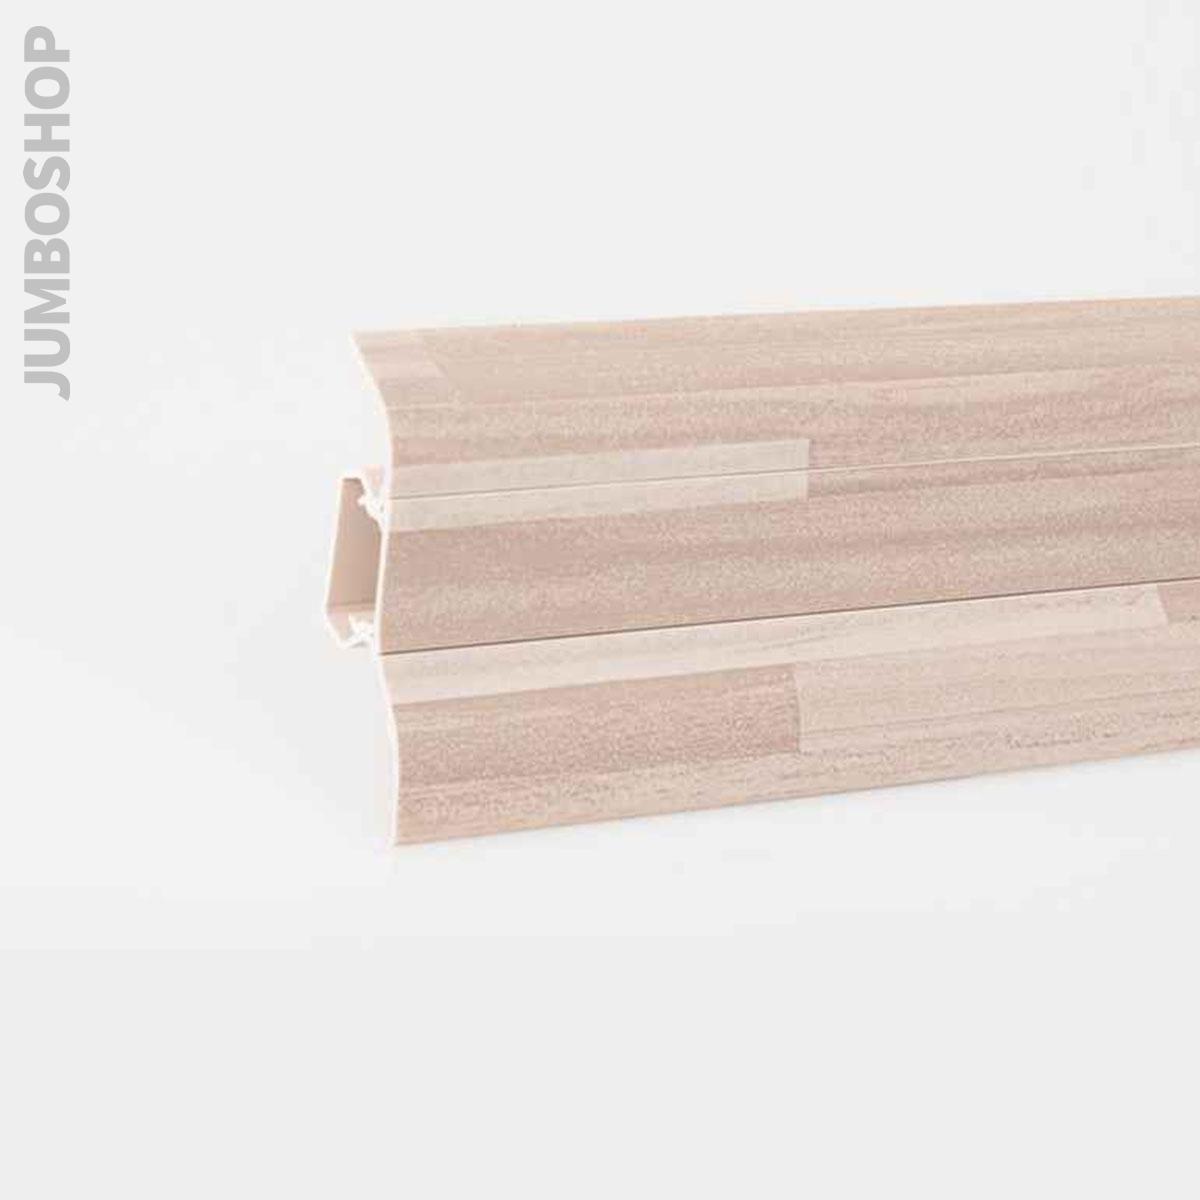 sockelleisten 2 5m fussleisten aus kunststoff mit. Black Bedroom Furniture Sets. Home Design Ideas